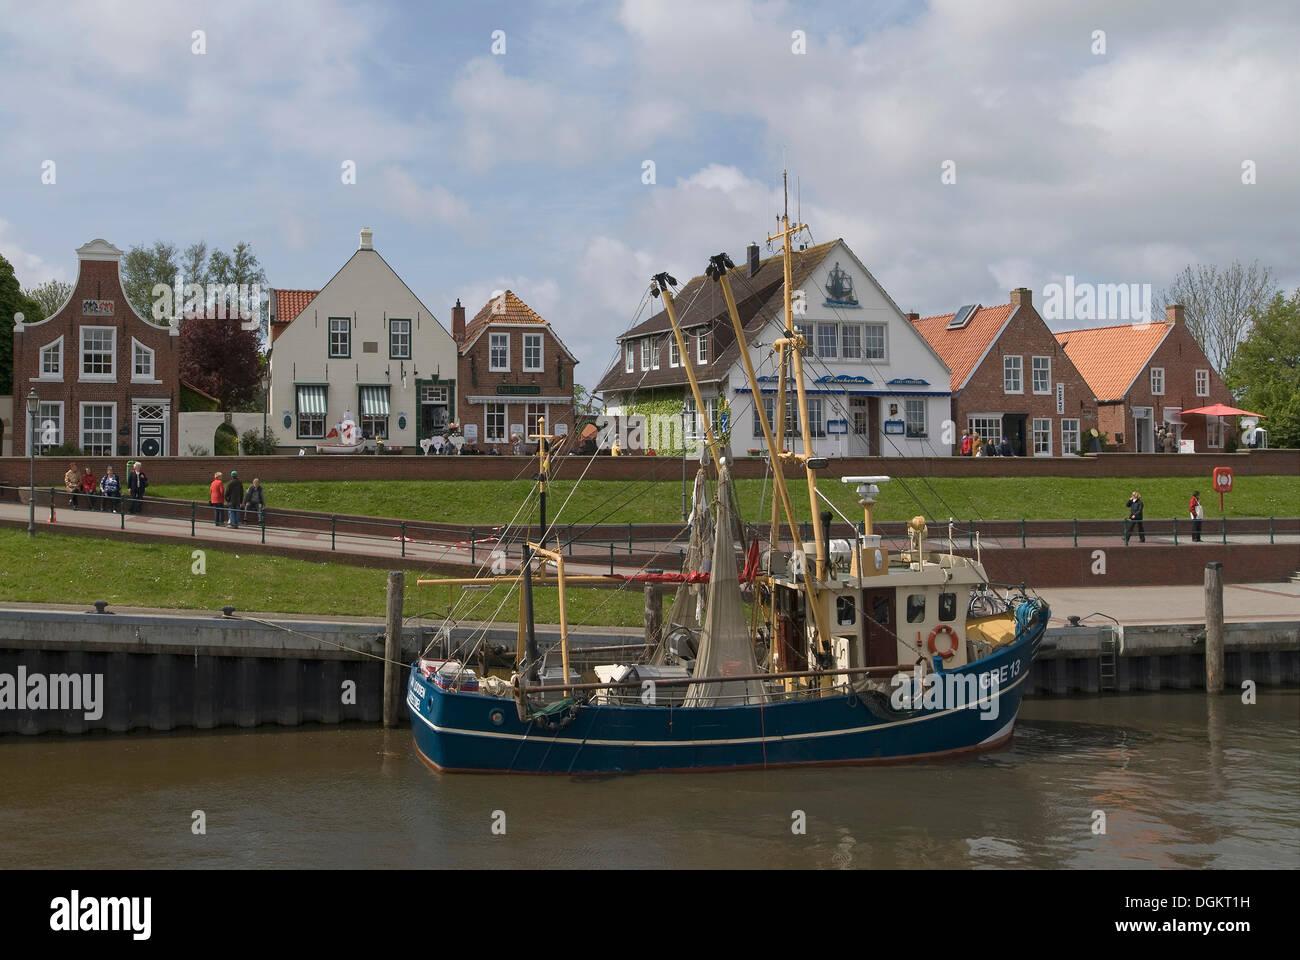 Los barcos camaroneros en Greetsiel Harbour delante del viejo dique, Krummhoern, Frisia Oriental, Baja Sajonia Foto de stock